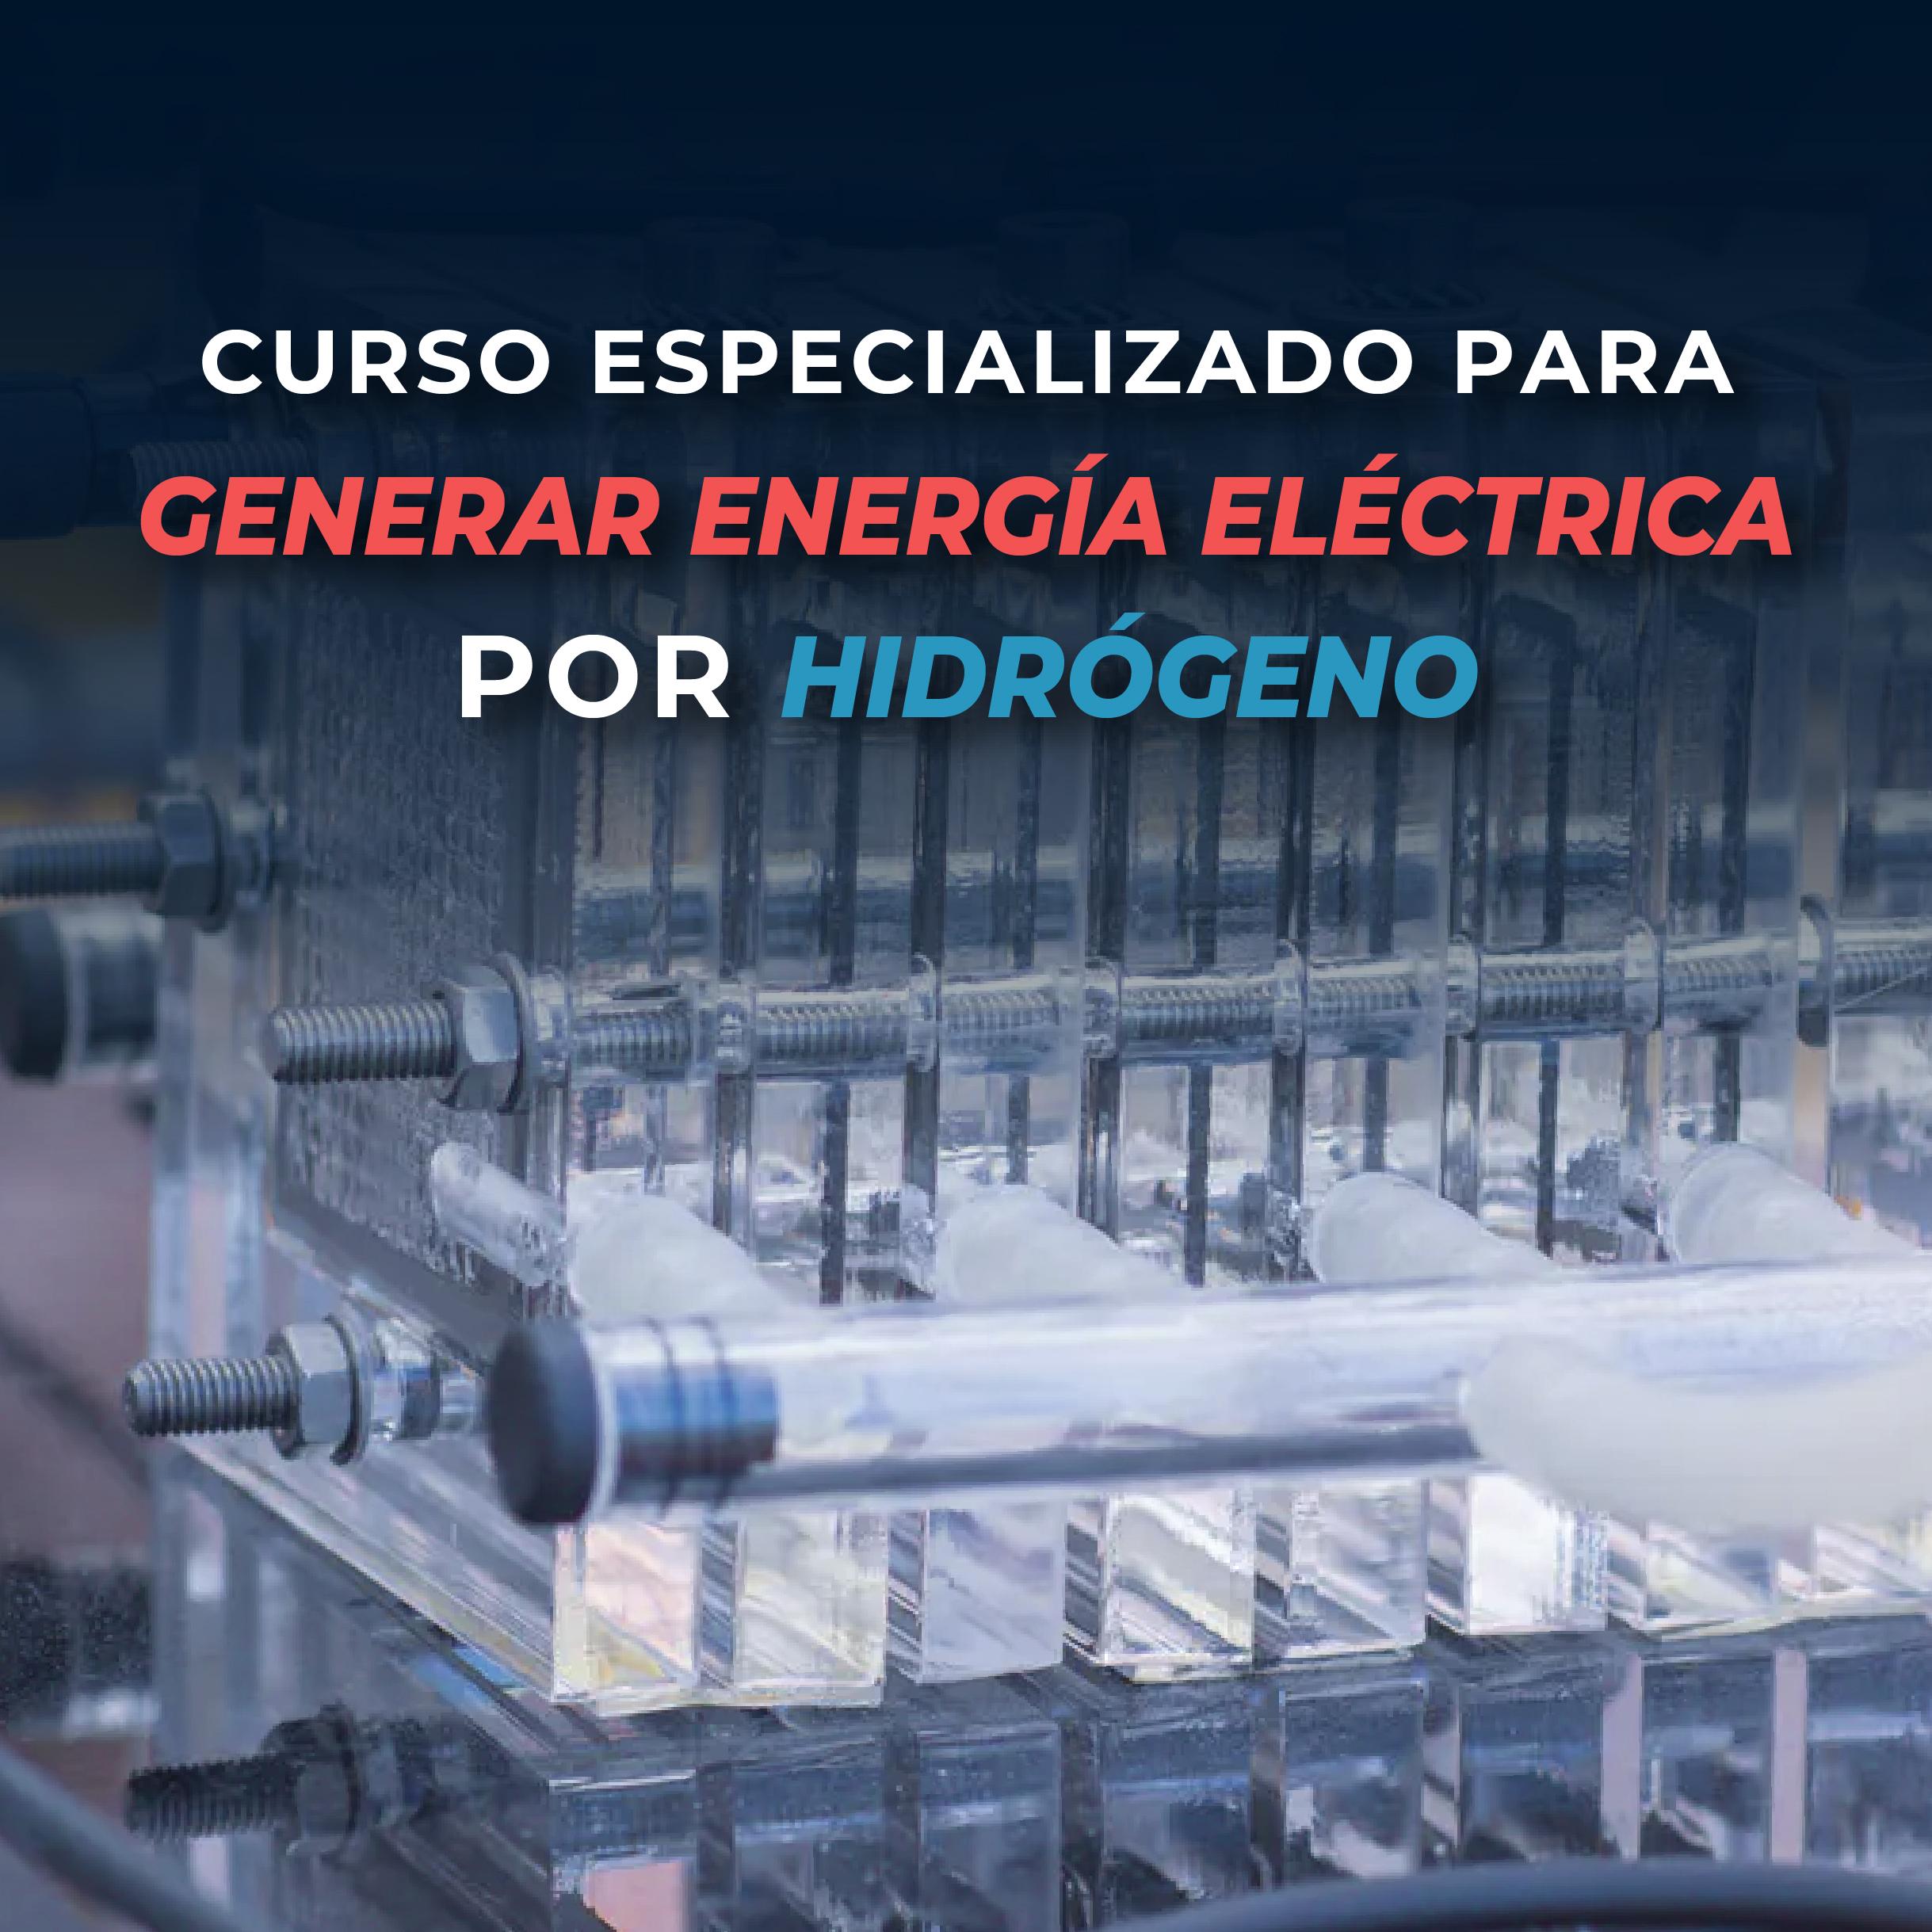 Curso Especializado Para Generar Energía Eléctrica Por Hidrógeno